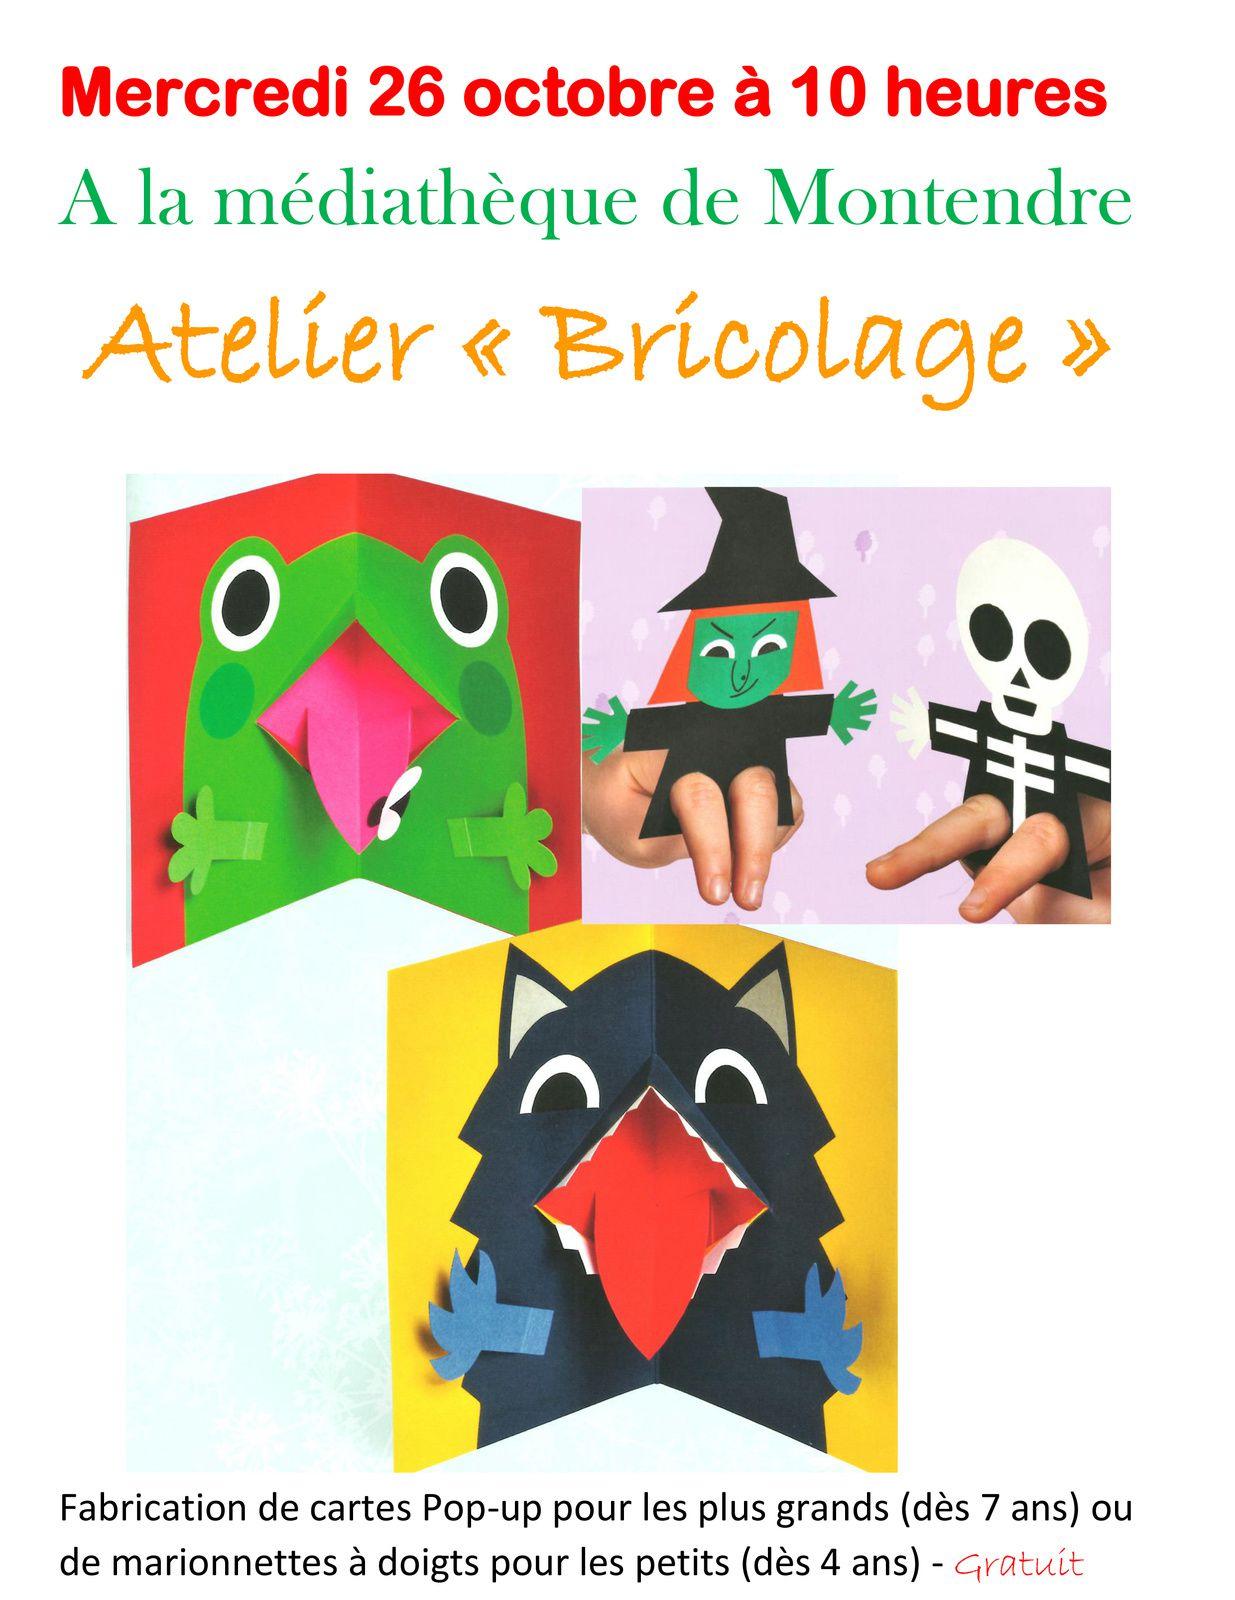 Atelier de cartes Pop-up à la bibli de Montendre le 26 octobre